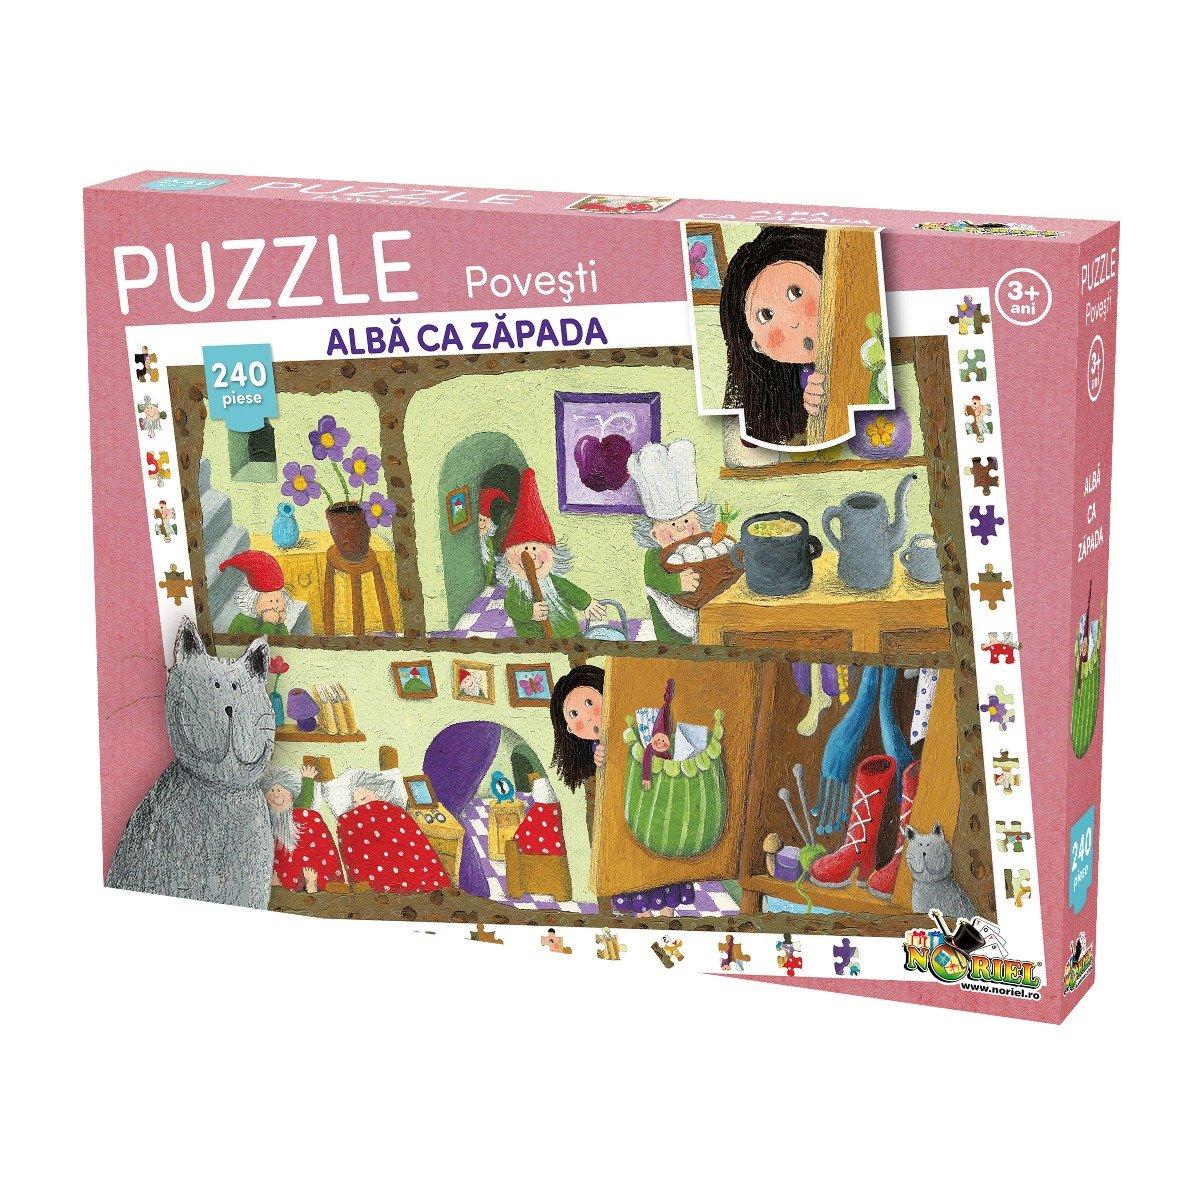 Puzzle Noriel cu povesti 240 de piese - Alba ca Zapada